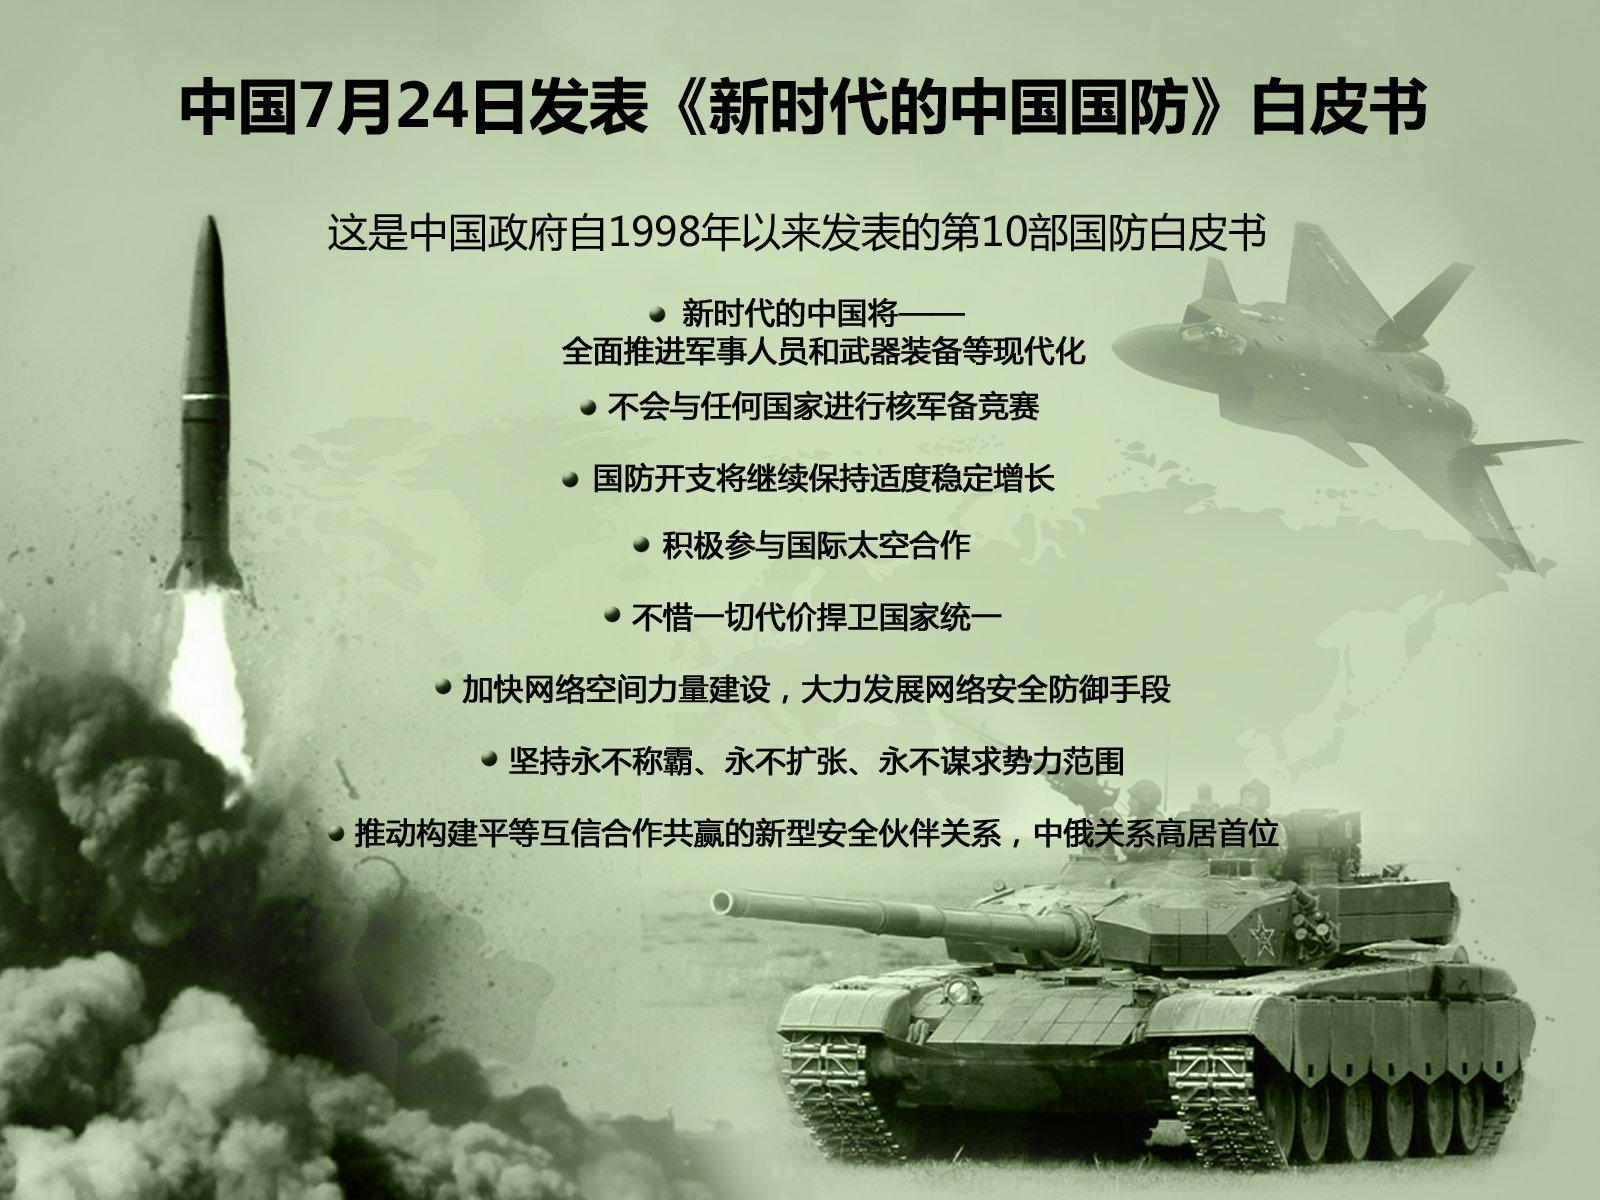 中国7月24日发表《新时代的中国国防》白皮书